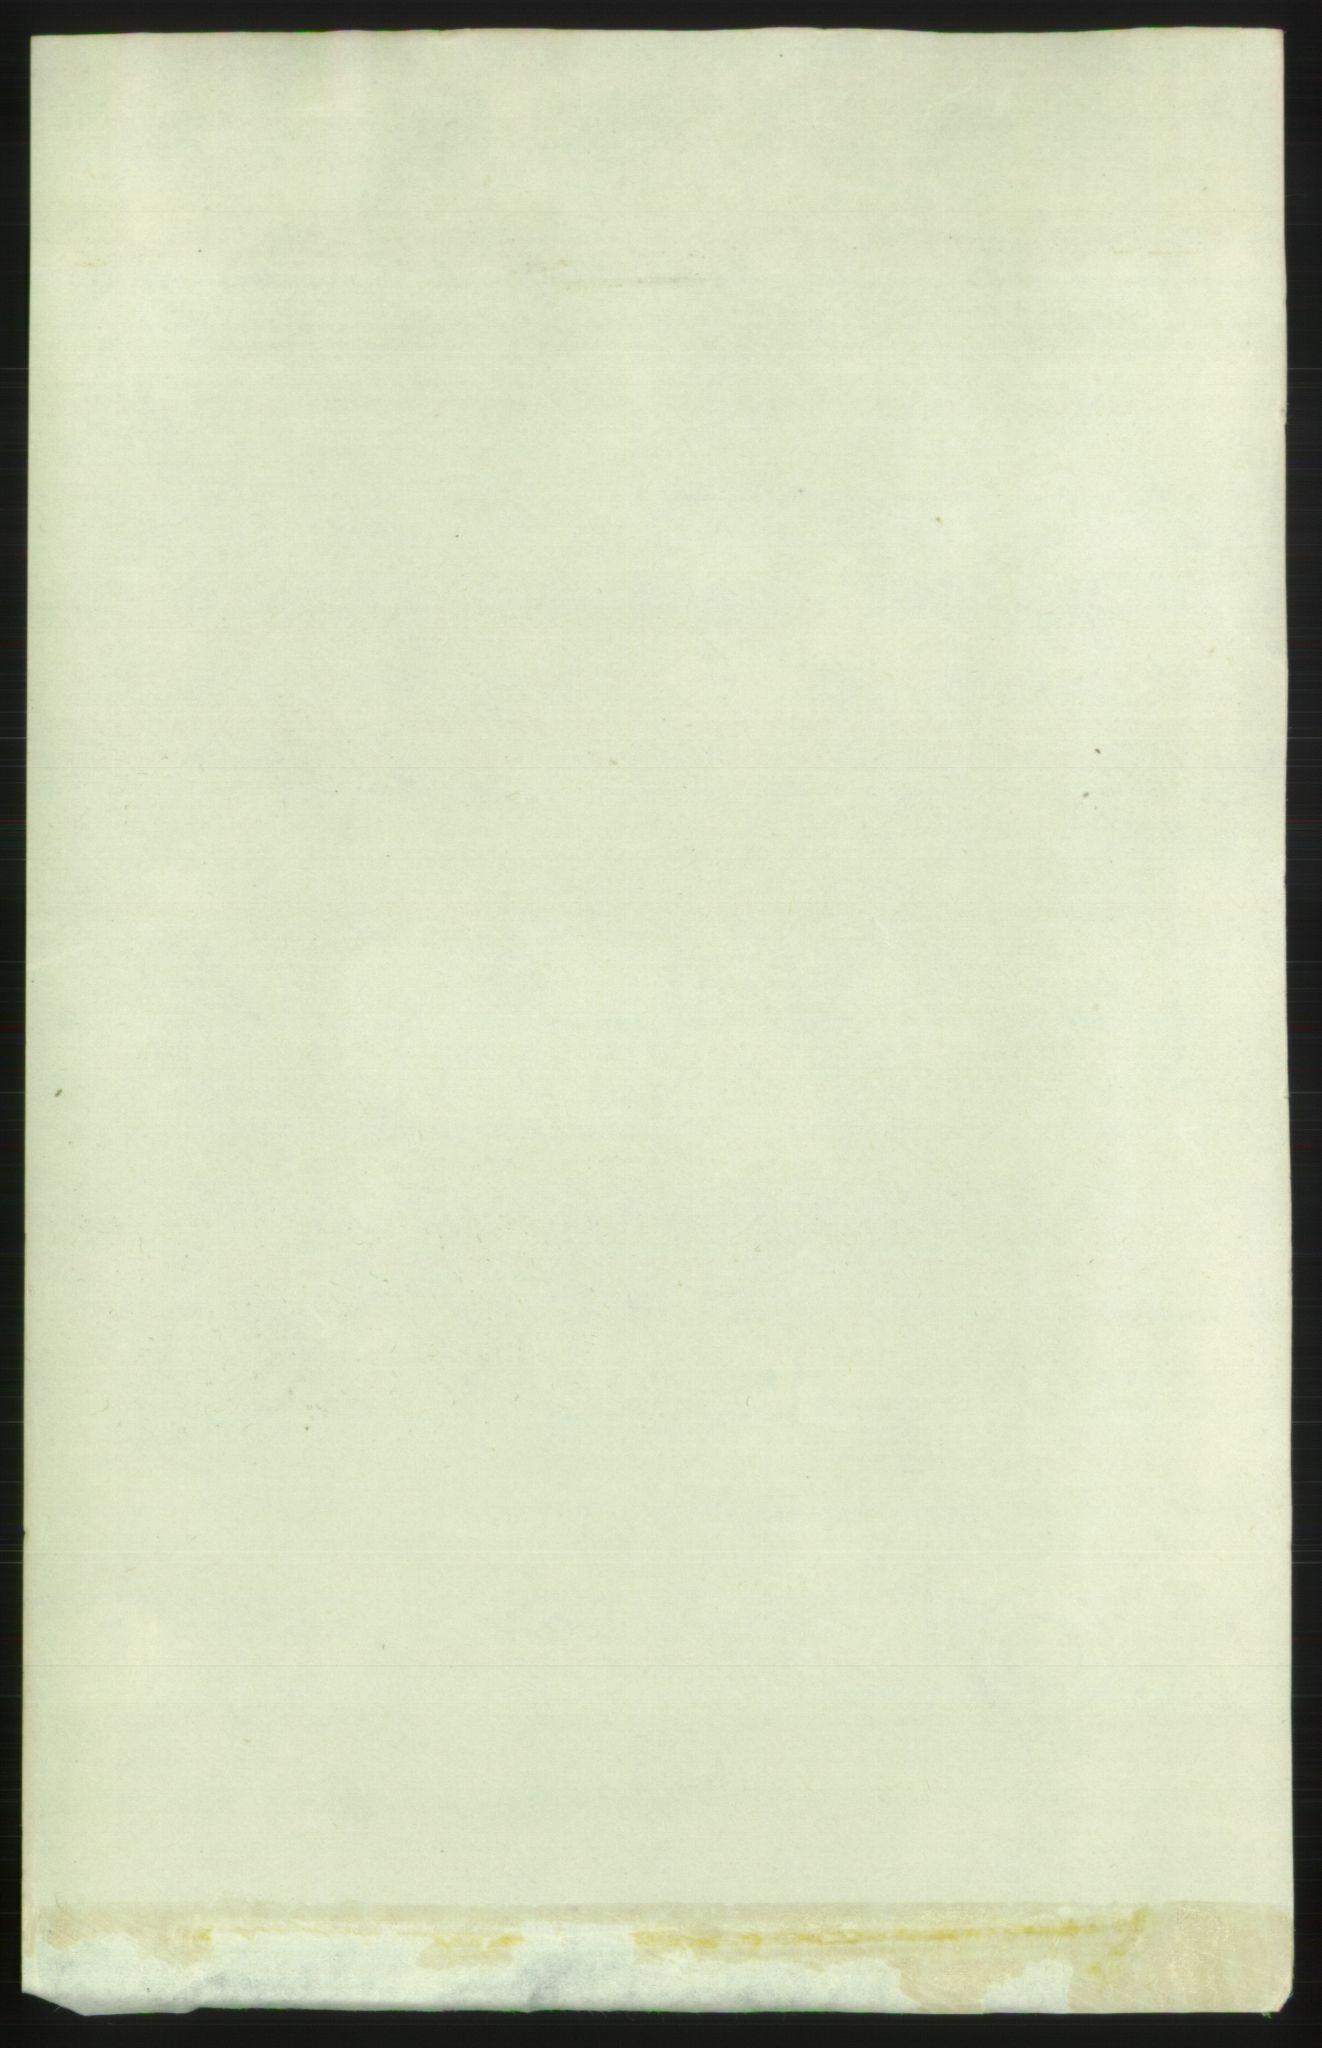 RA, Folketelling 1891 for 0102 Sarpsborg kjøpstad, 1891, s. 3678